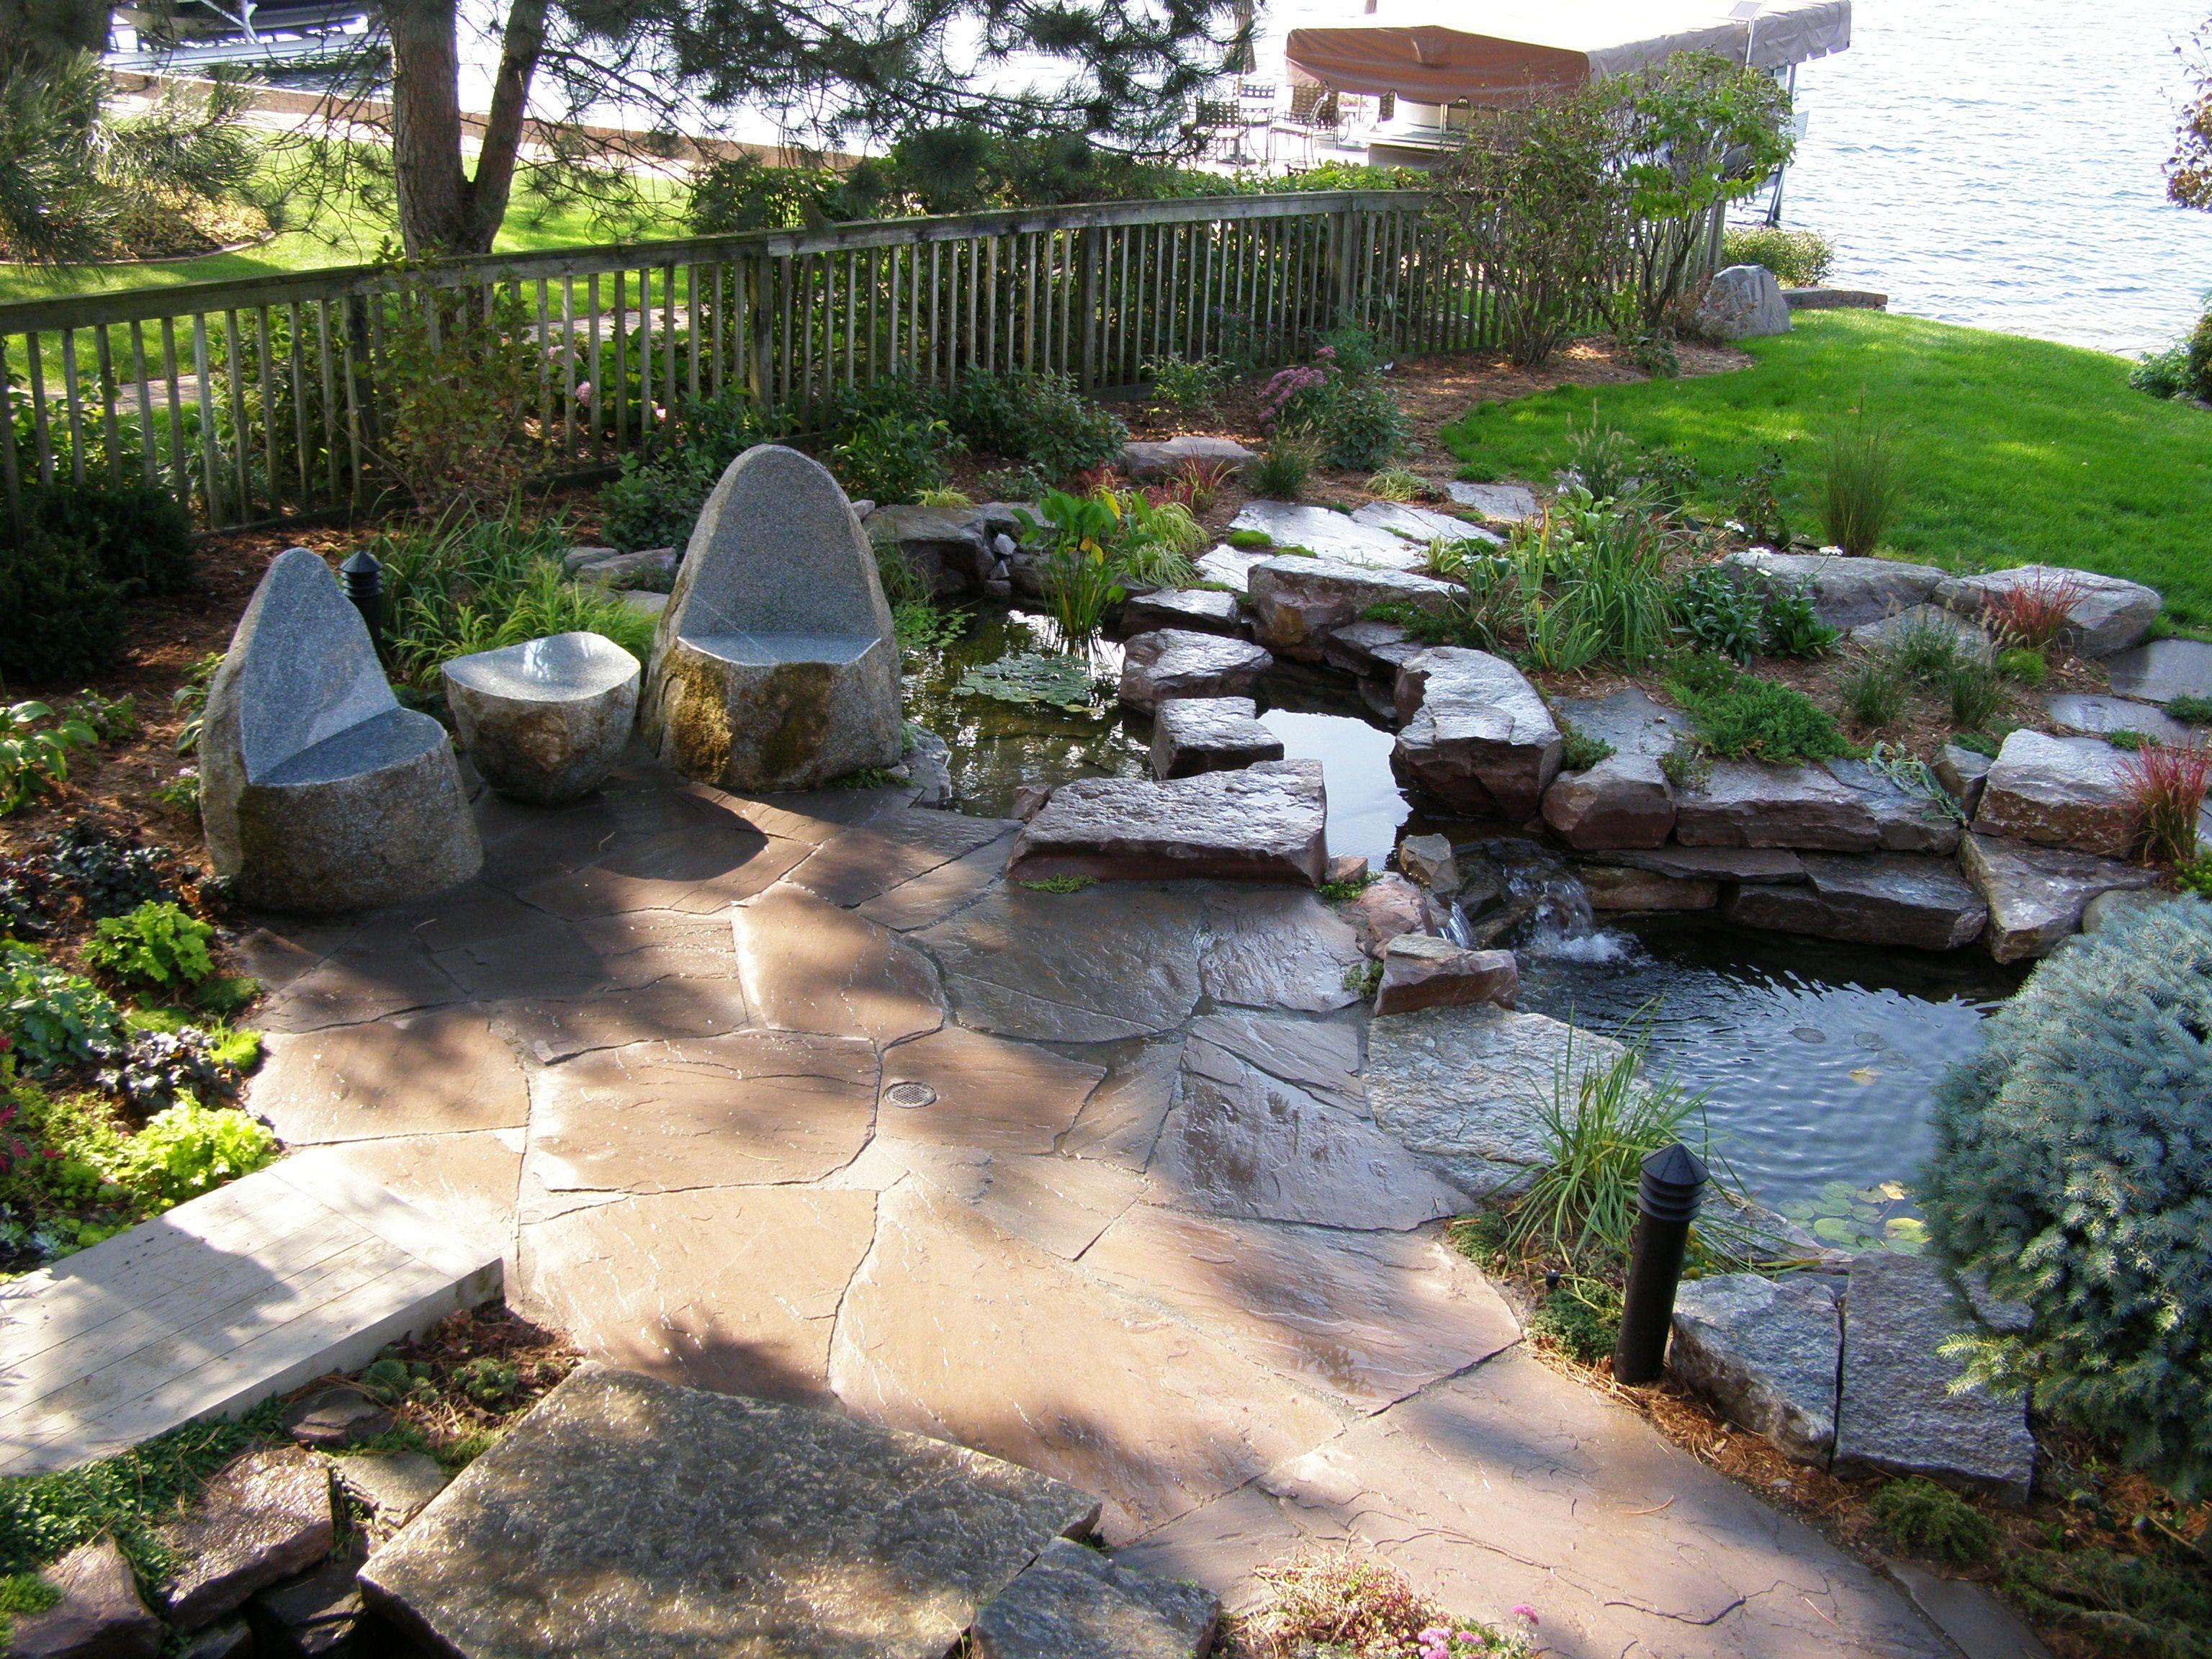 Backyard patio ideas flagstone - Brick Stone Patio Designs Patio Wall Design Comfortable Covered Patio Garden Design Ideas Using Blue Wooden